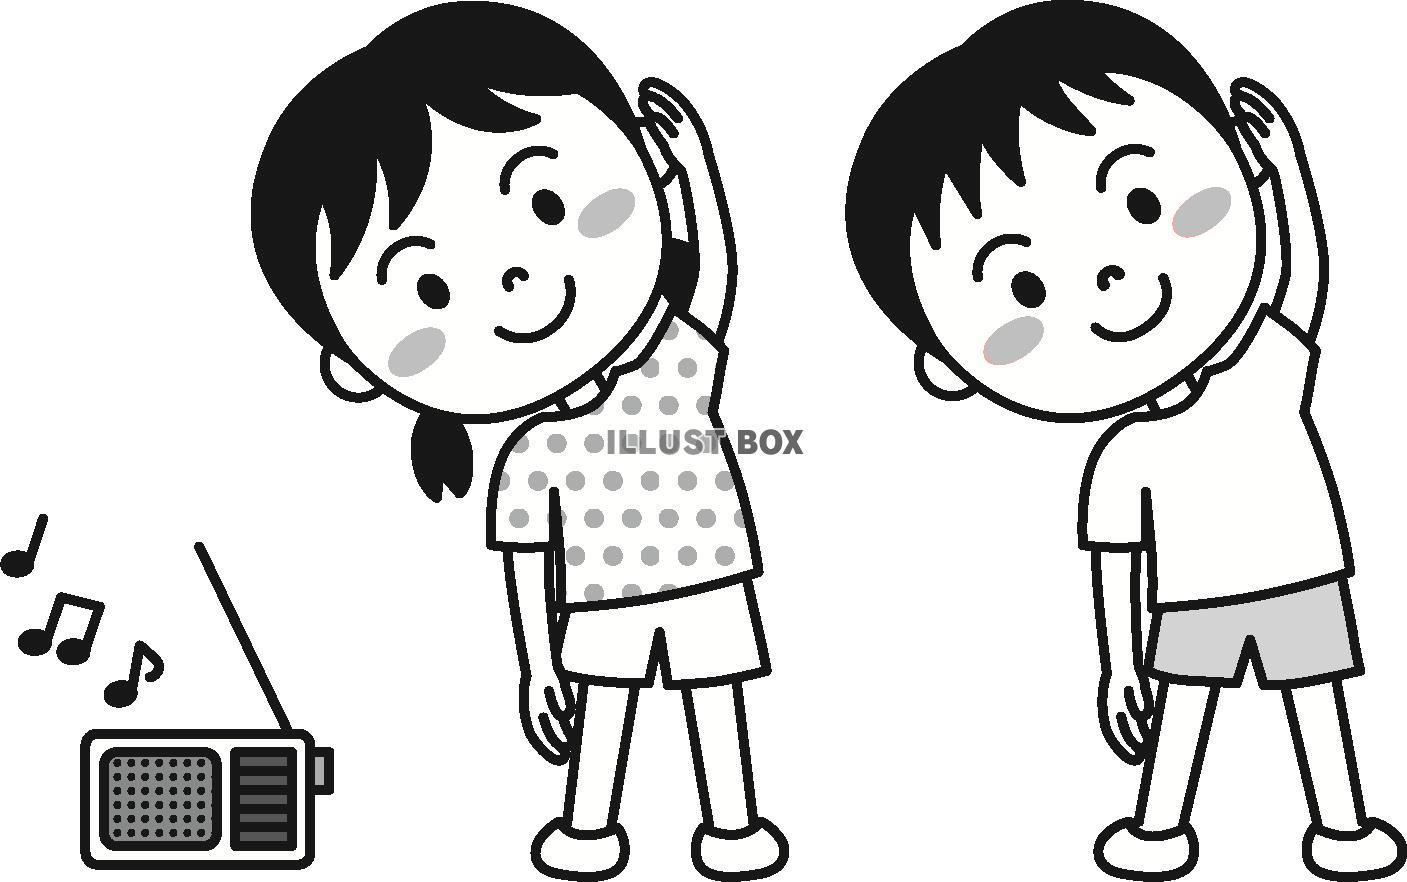 無料イラスト 夏の子供ラジオ体操モノクロ